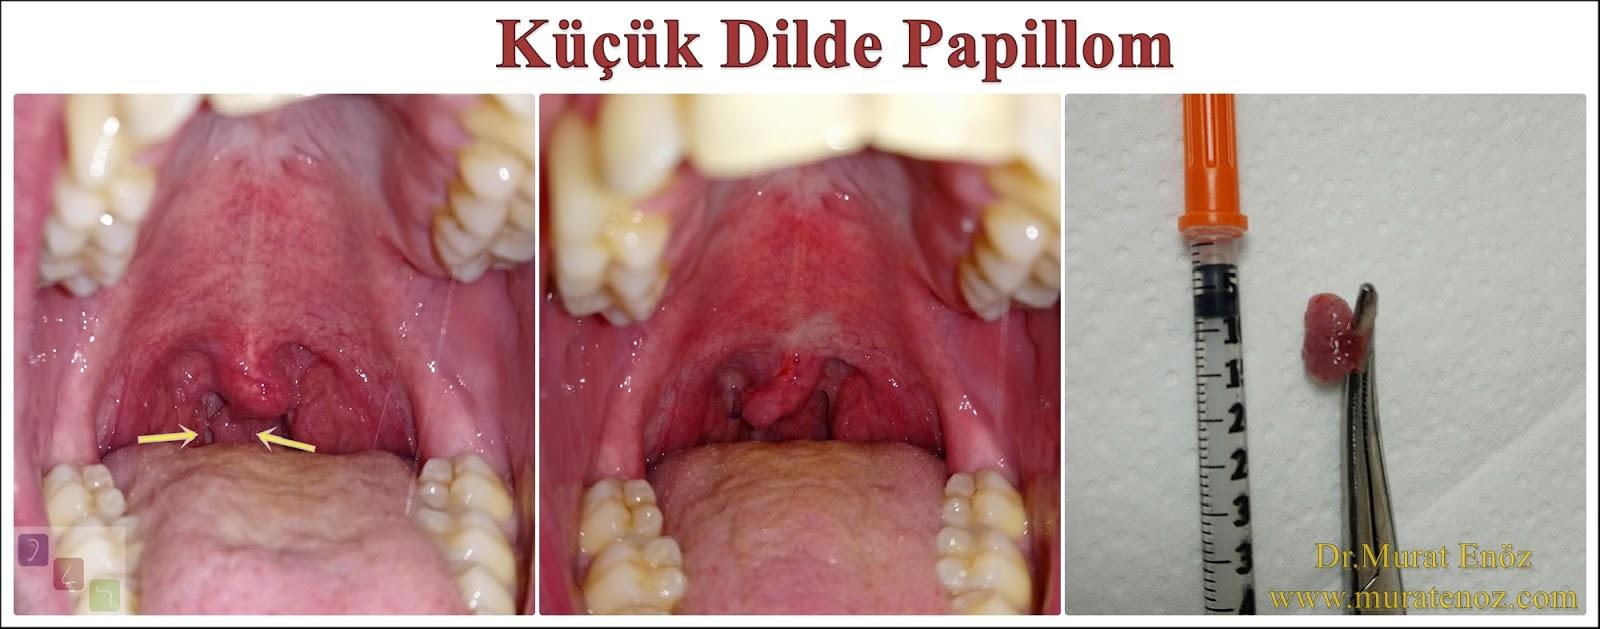 papillomavirus uvula)